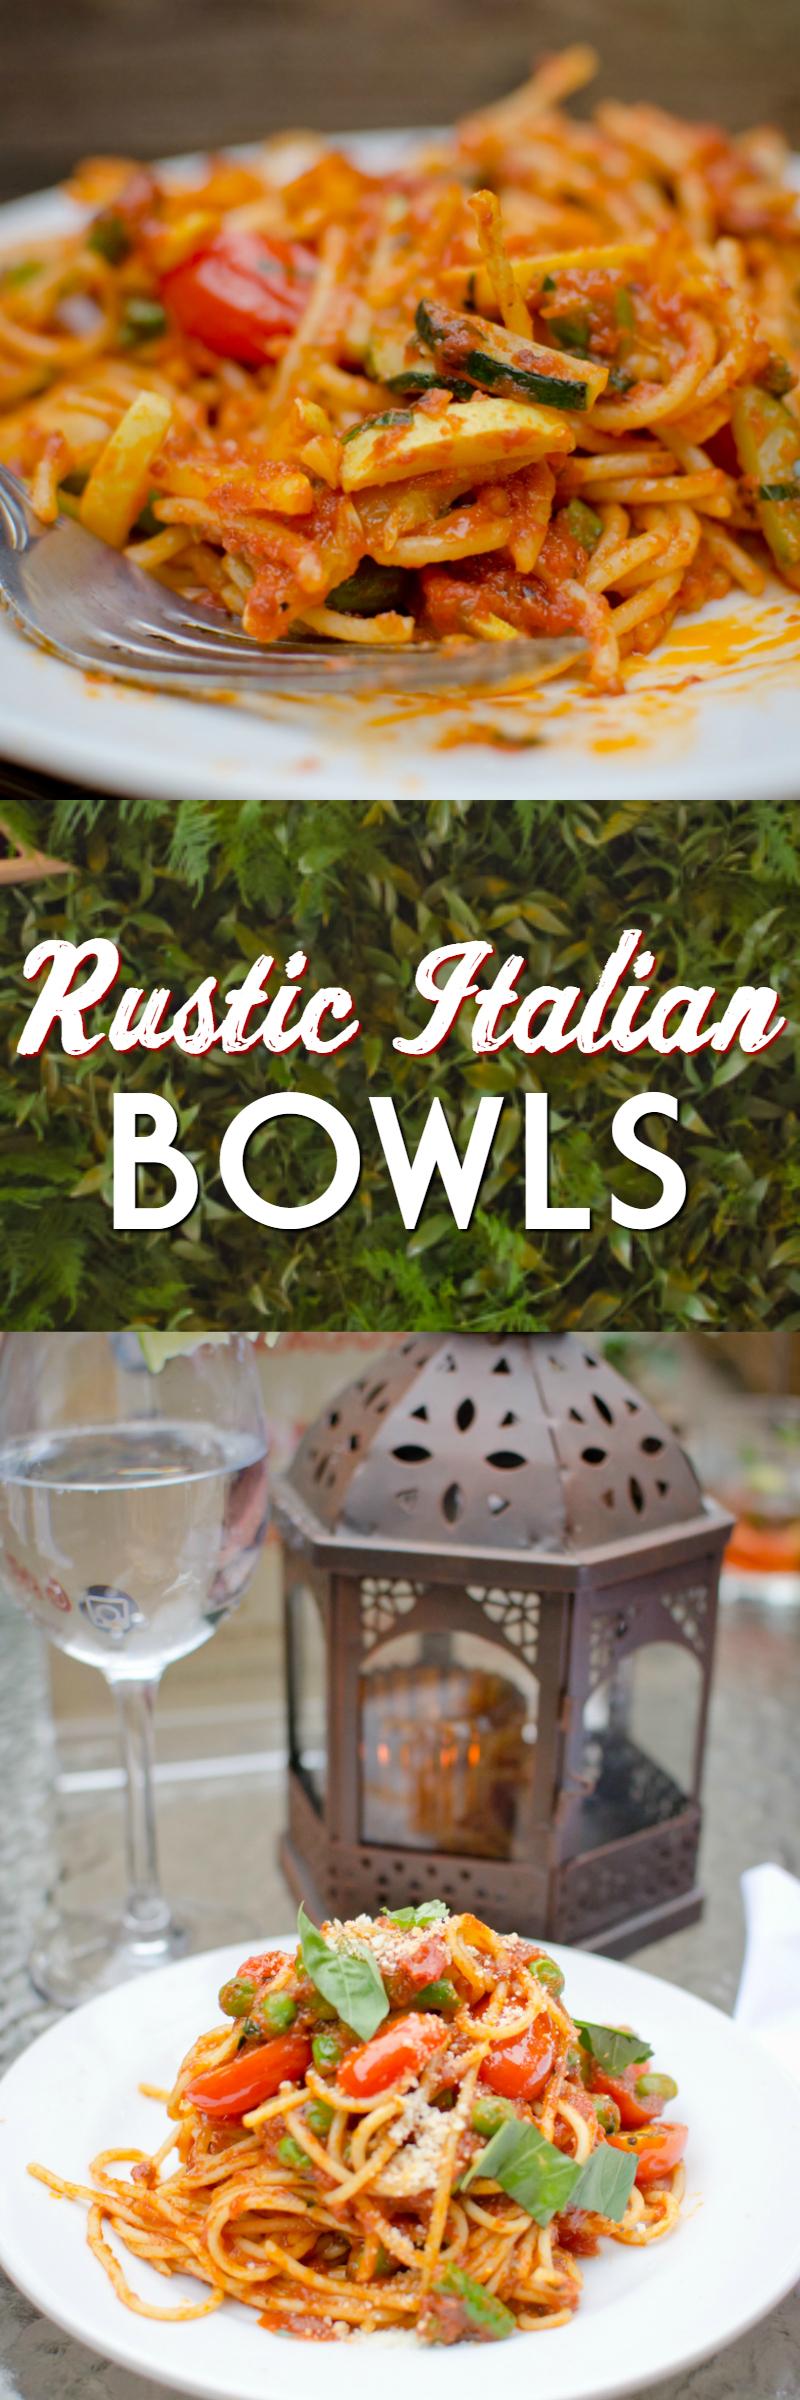 rustic italian bowls 1